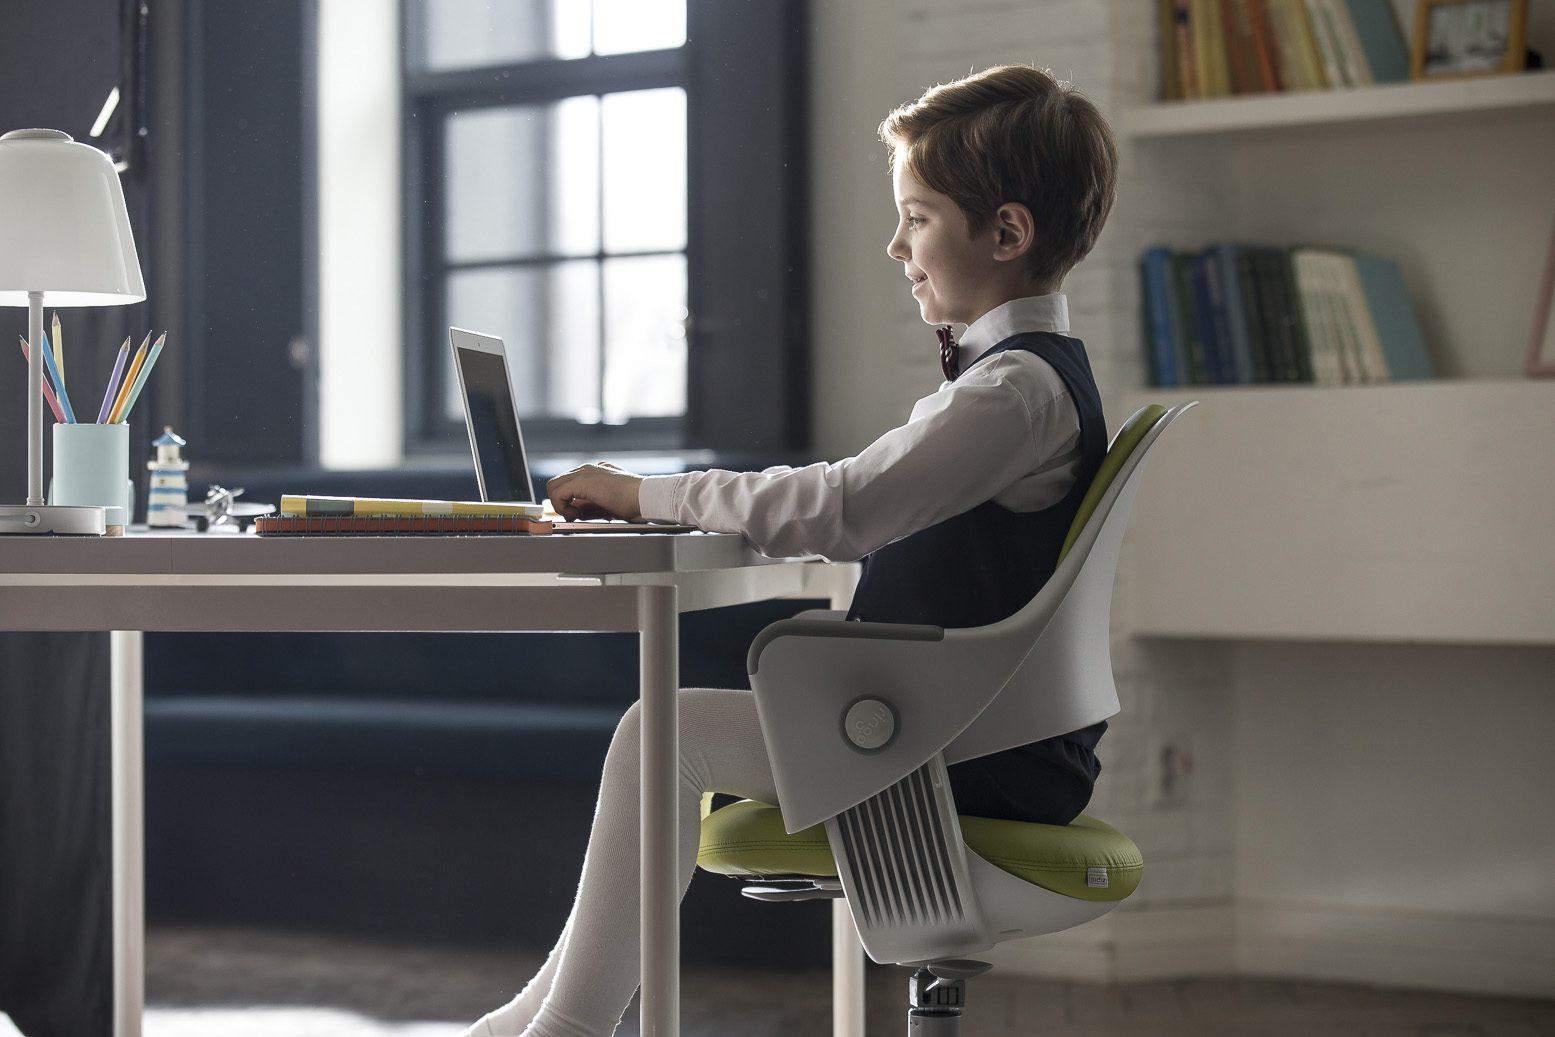 Silla Infantil Ringo Exclusiva Para Ninos Mobiliario De Oficina